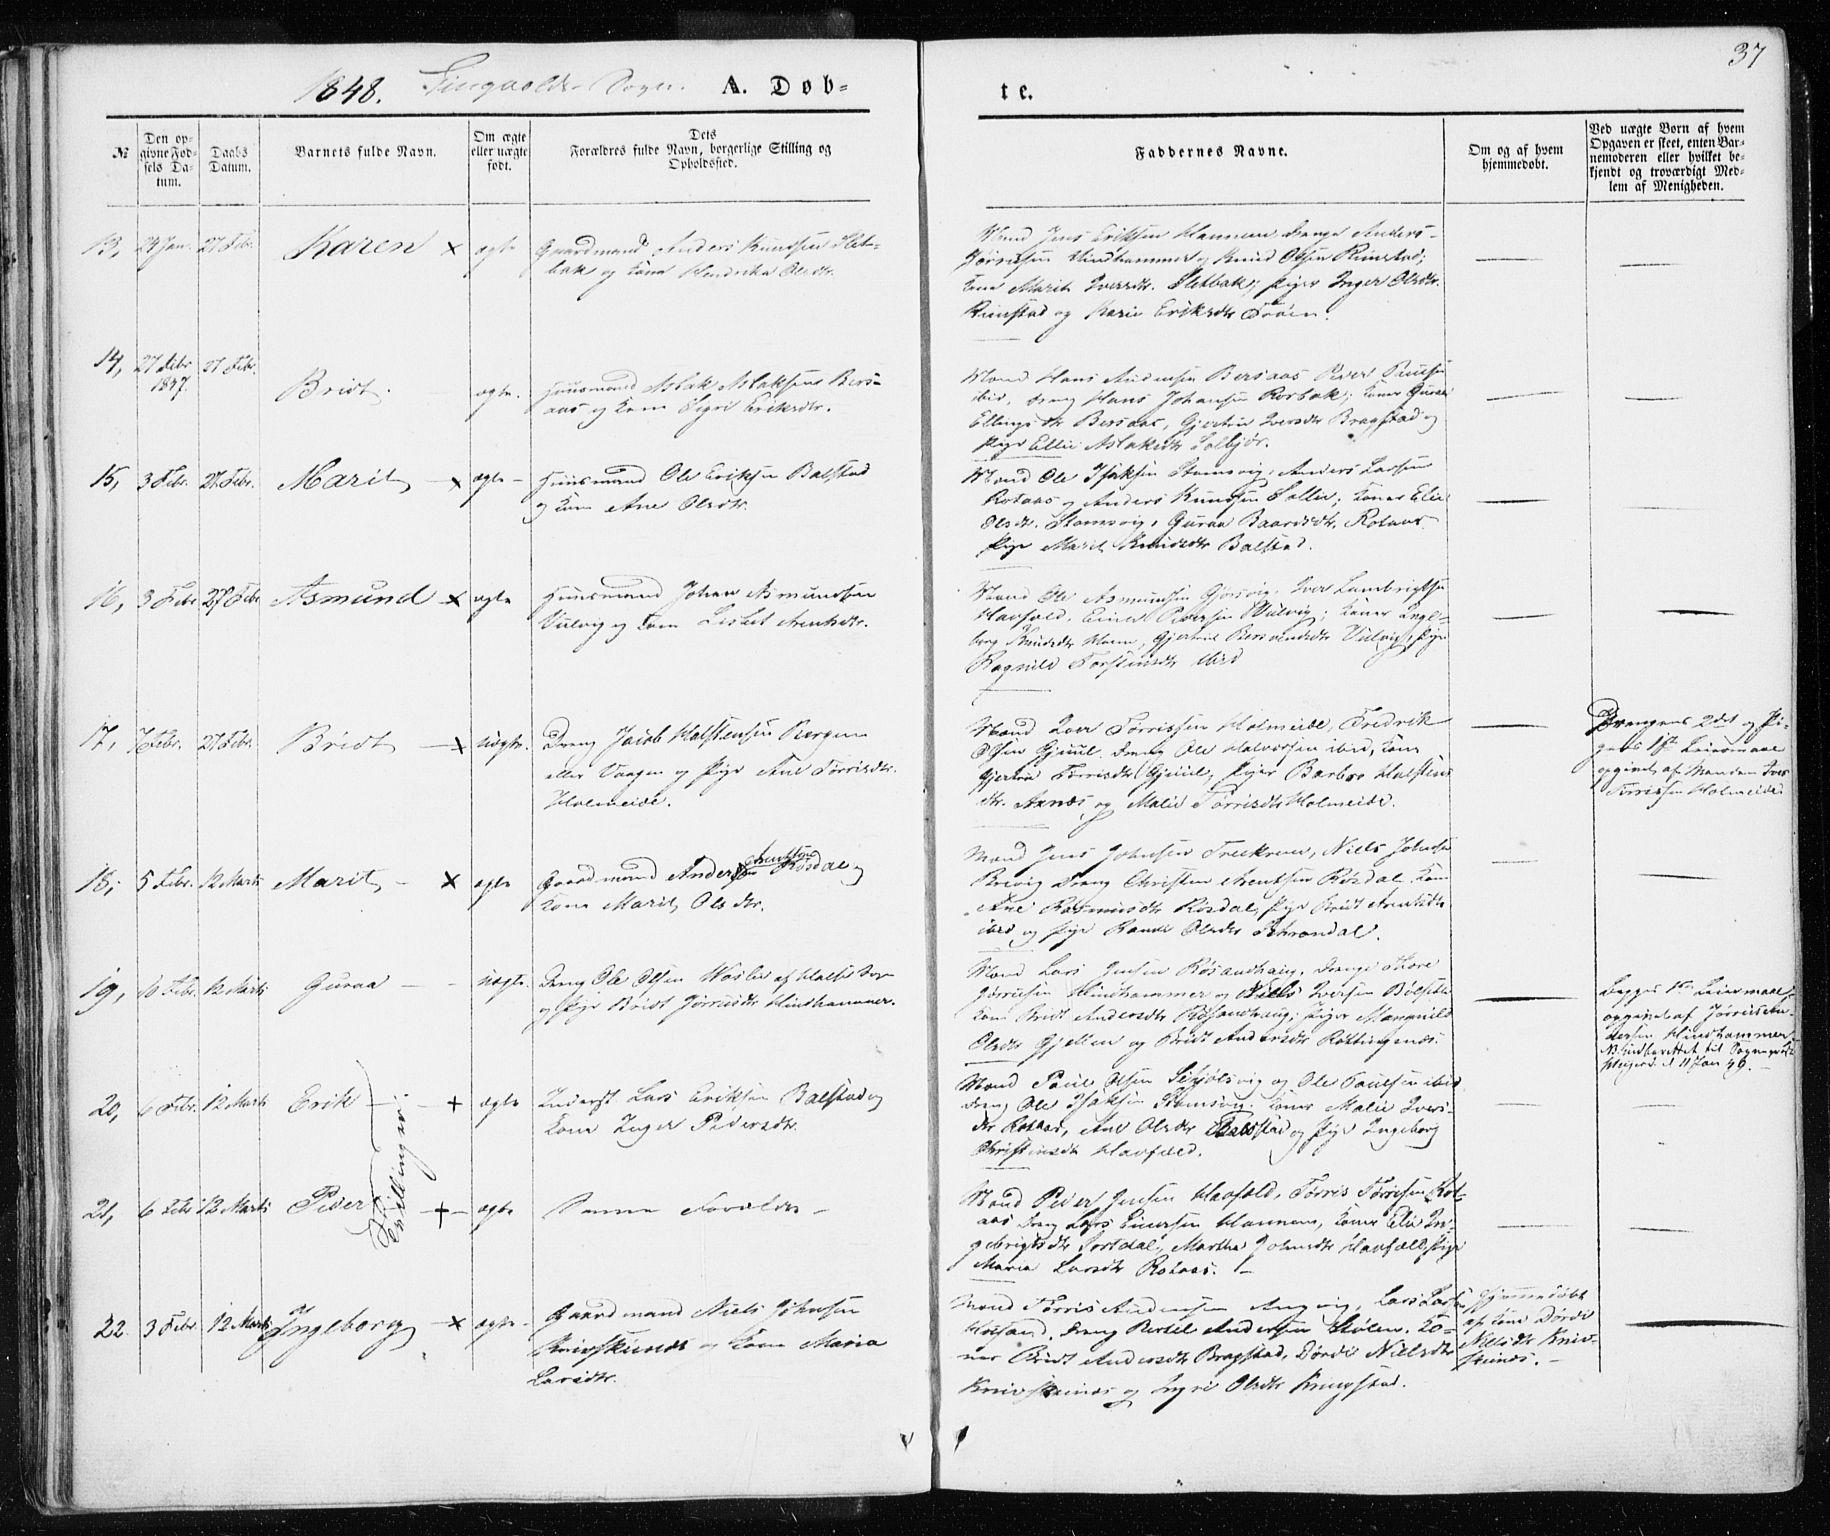 SAT, Ministerialprotokoller, klokkerbøker og fødselsregistre - Møre og Romsdal, 586/L0984: Ministerialbok nr. 586A10, 1844-1856, s. 37